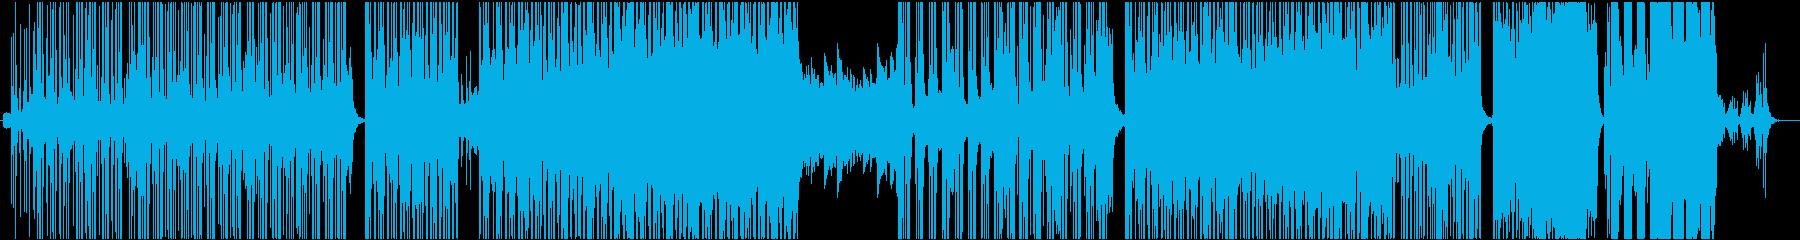 モダン テクノ ポップ ロック ア...の再生済みの波形